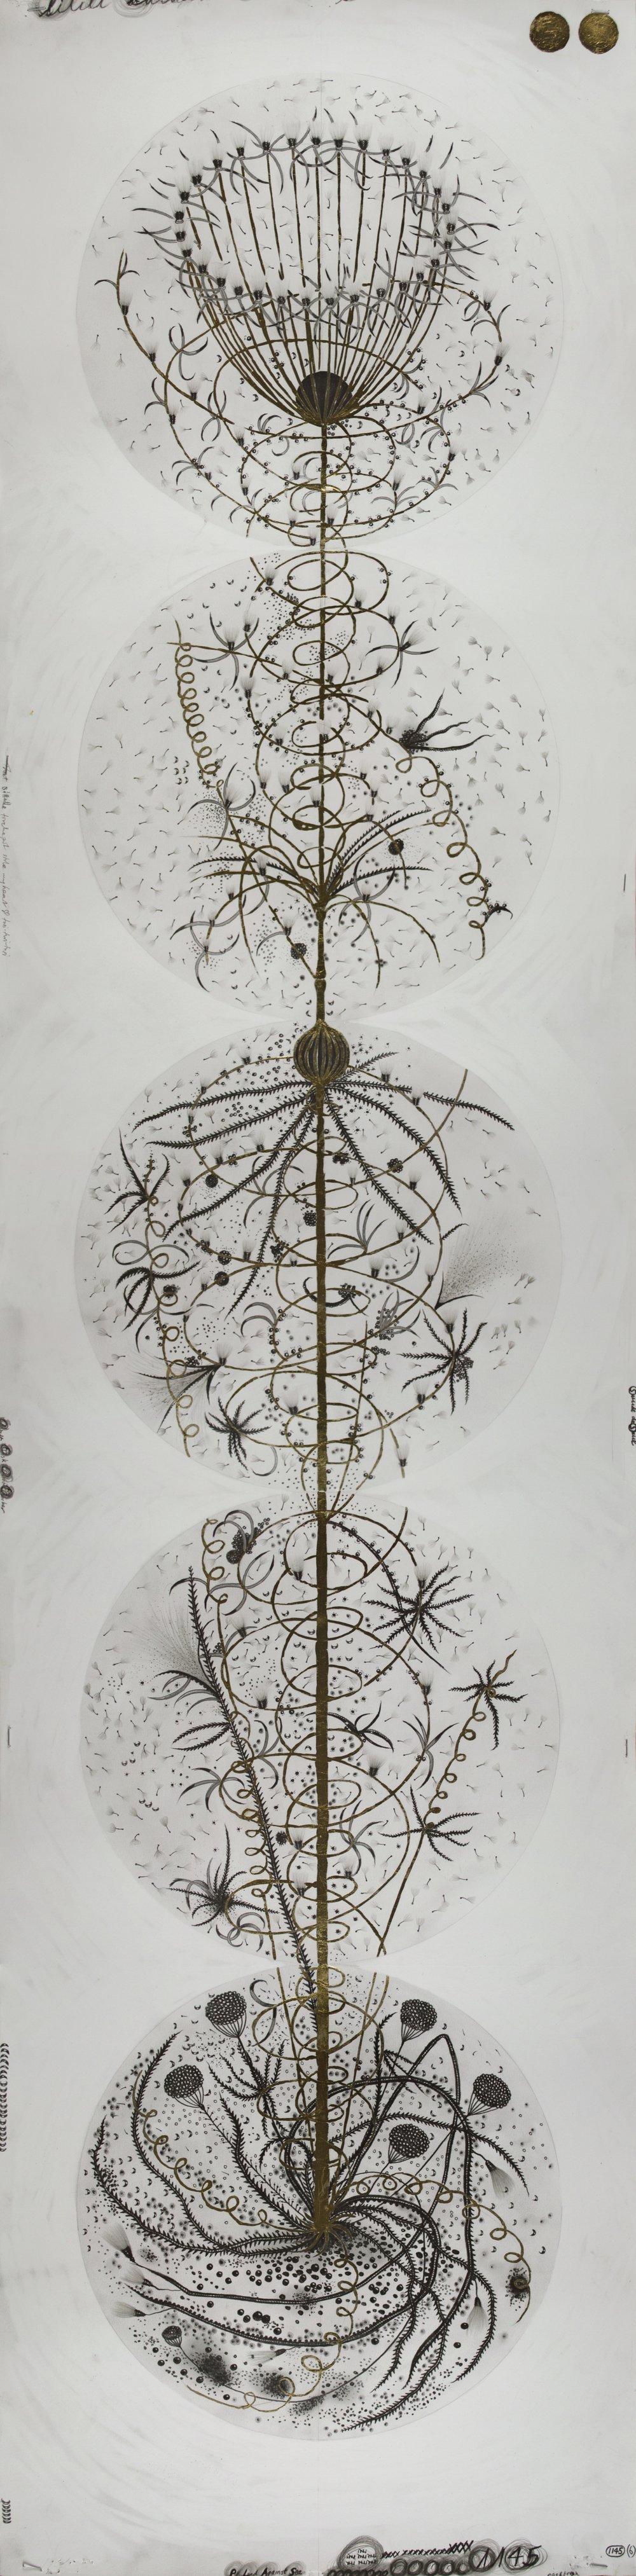 """© Hipkiss, """"1145 - Instar 6"""", 165x40 cm, mine de plomb, encre argentée et feuille d'or blanc sur papier Fabriano 4, 2018, Courtesy Galerie C"""